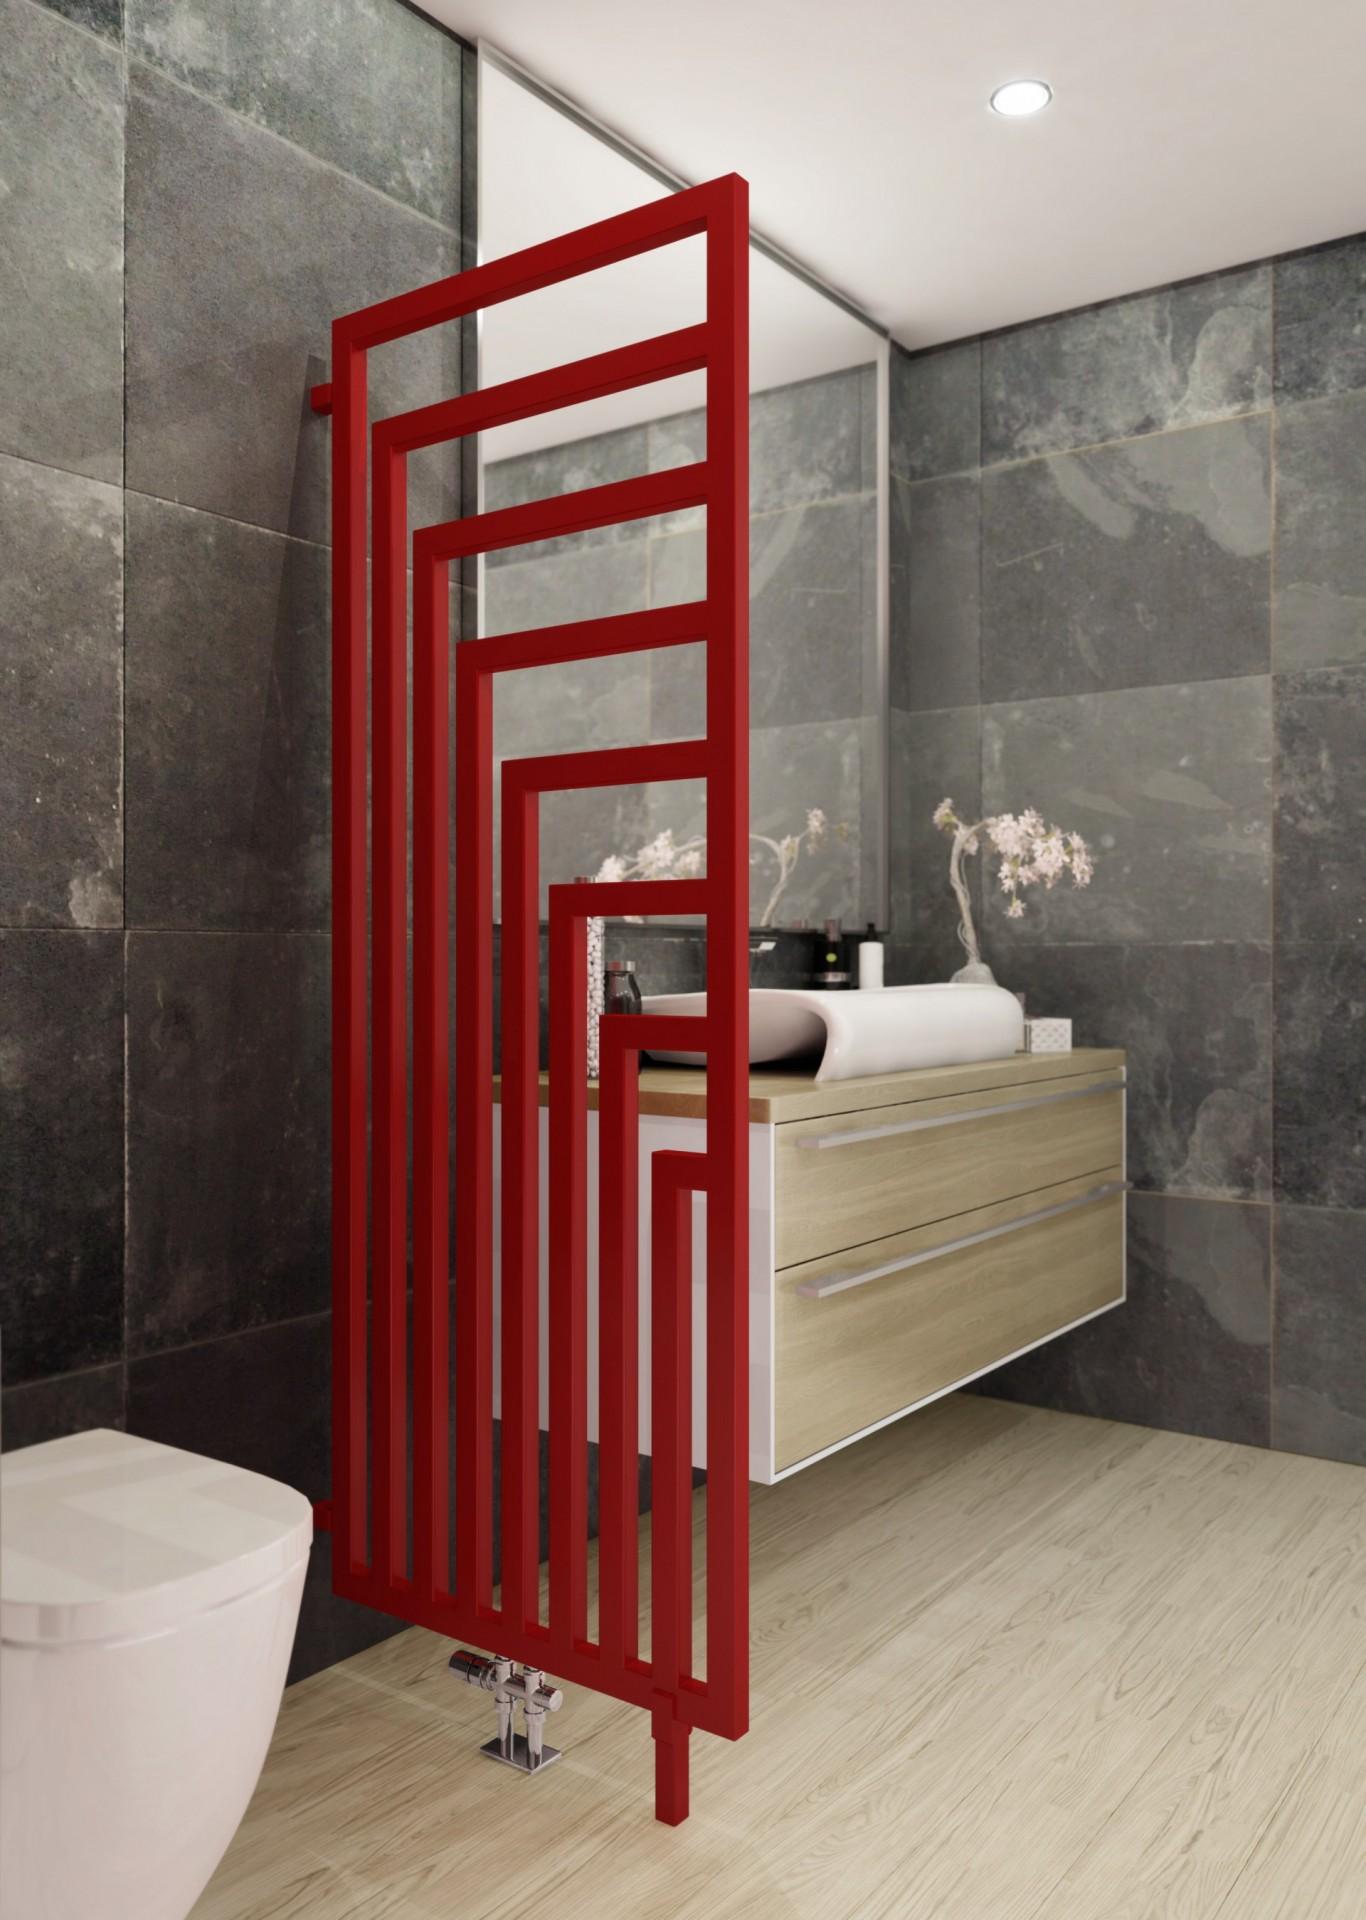 Design Badheizkörper, Wohnraumheizkörper Terma Angus DW Raumteiler